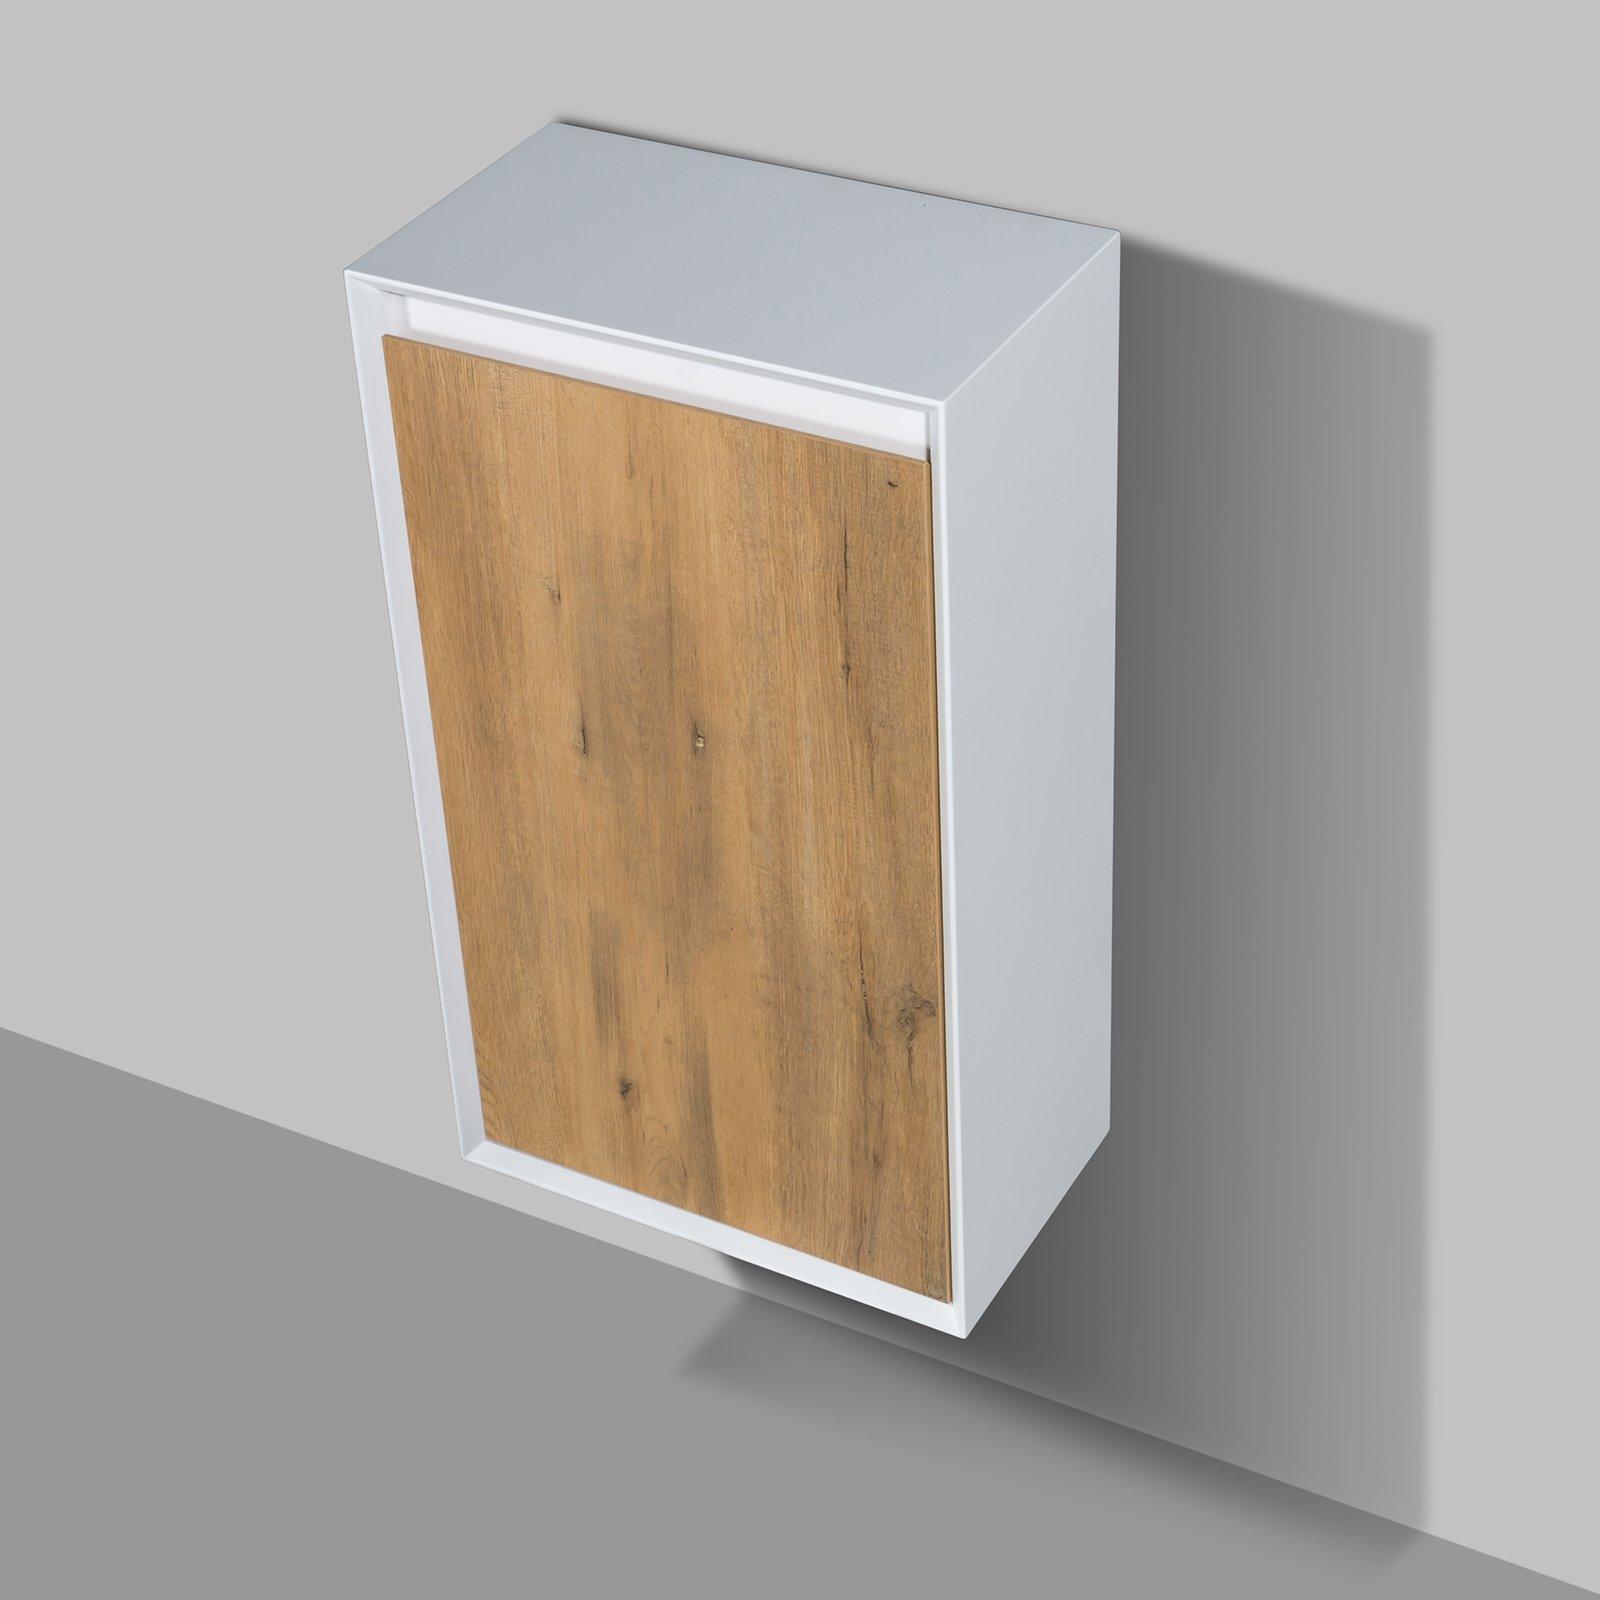 Seitenschrank Fiona - passend zum Badmöbel-Set - Beton-Optik / Eiche-Optik